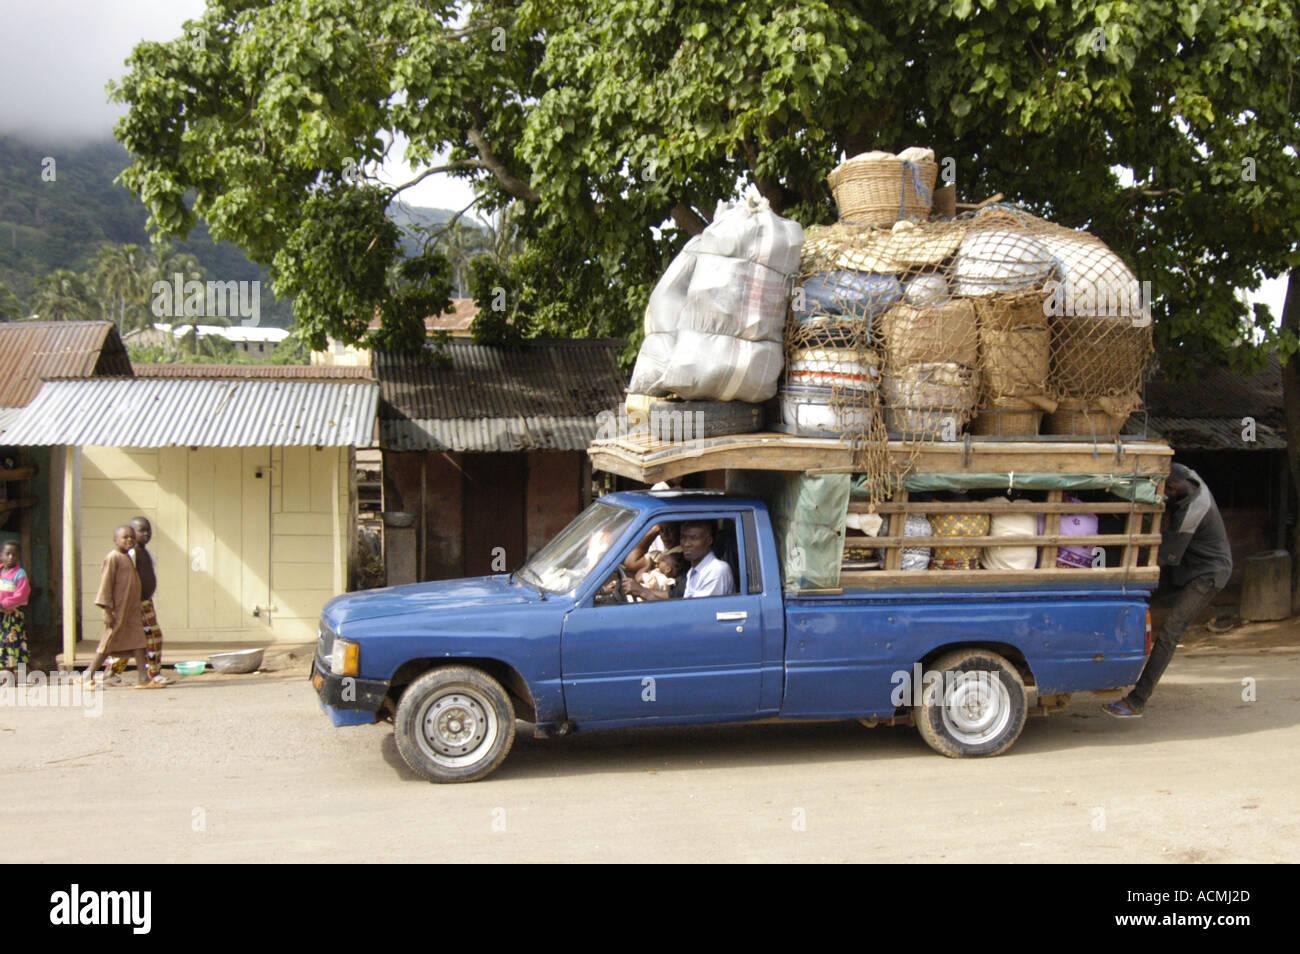 overloaded-pickup-badou-togo-west-africa-ACMJ2D.jpg